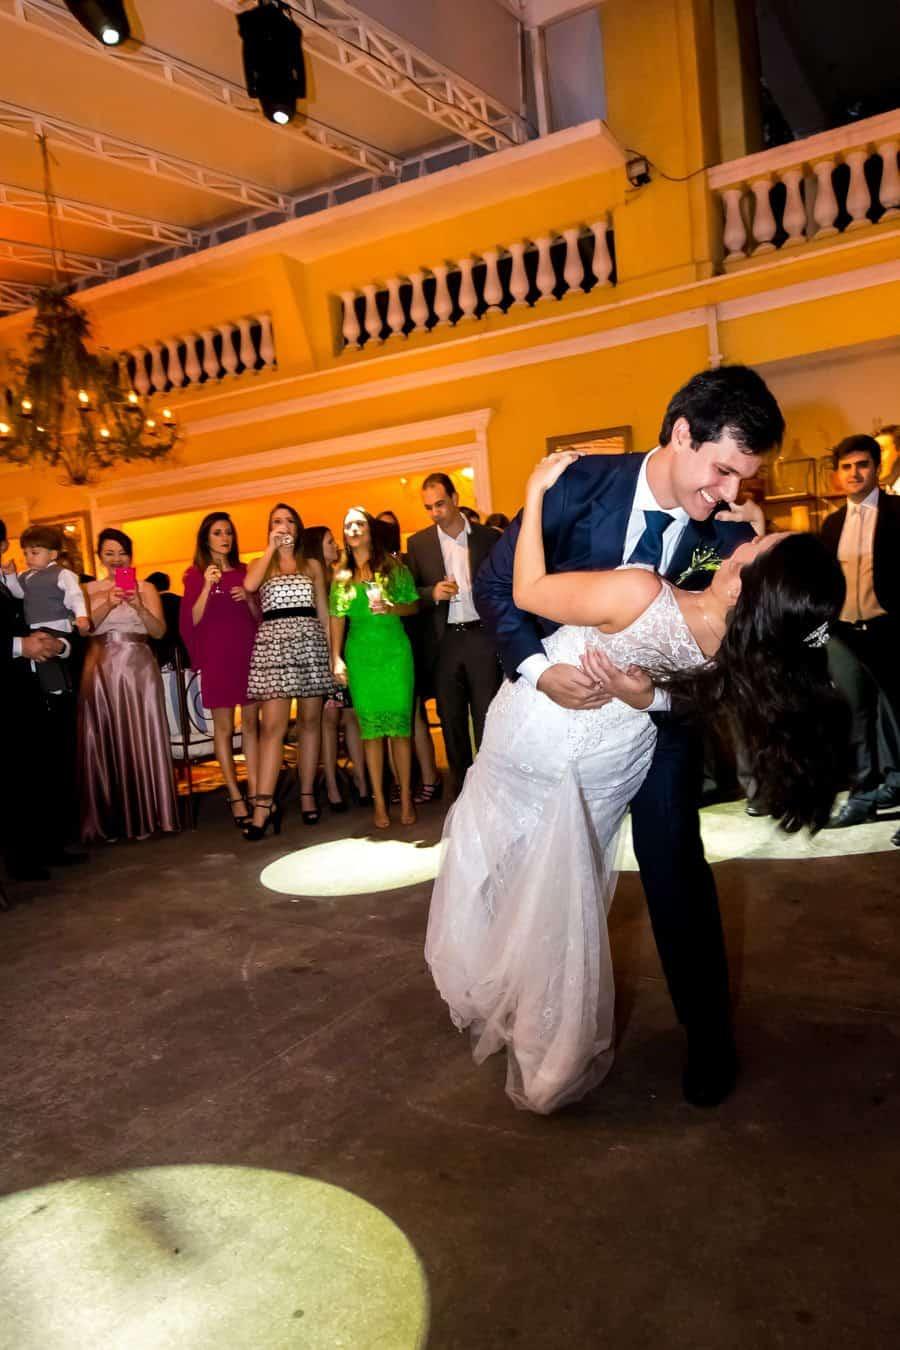 casamento-real-rafaela-e-jose-caseme-11